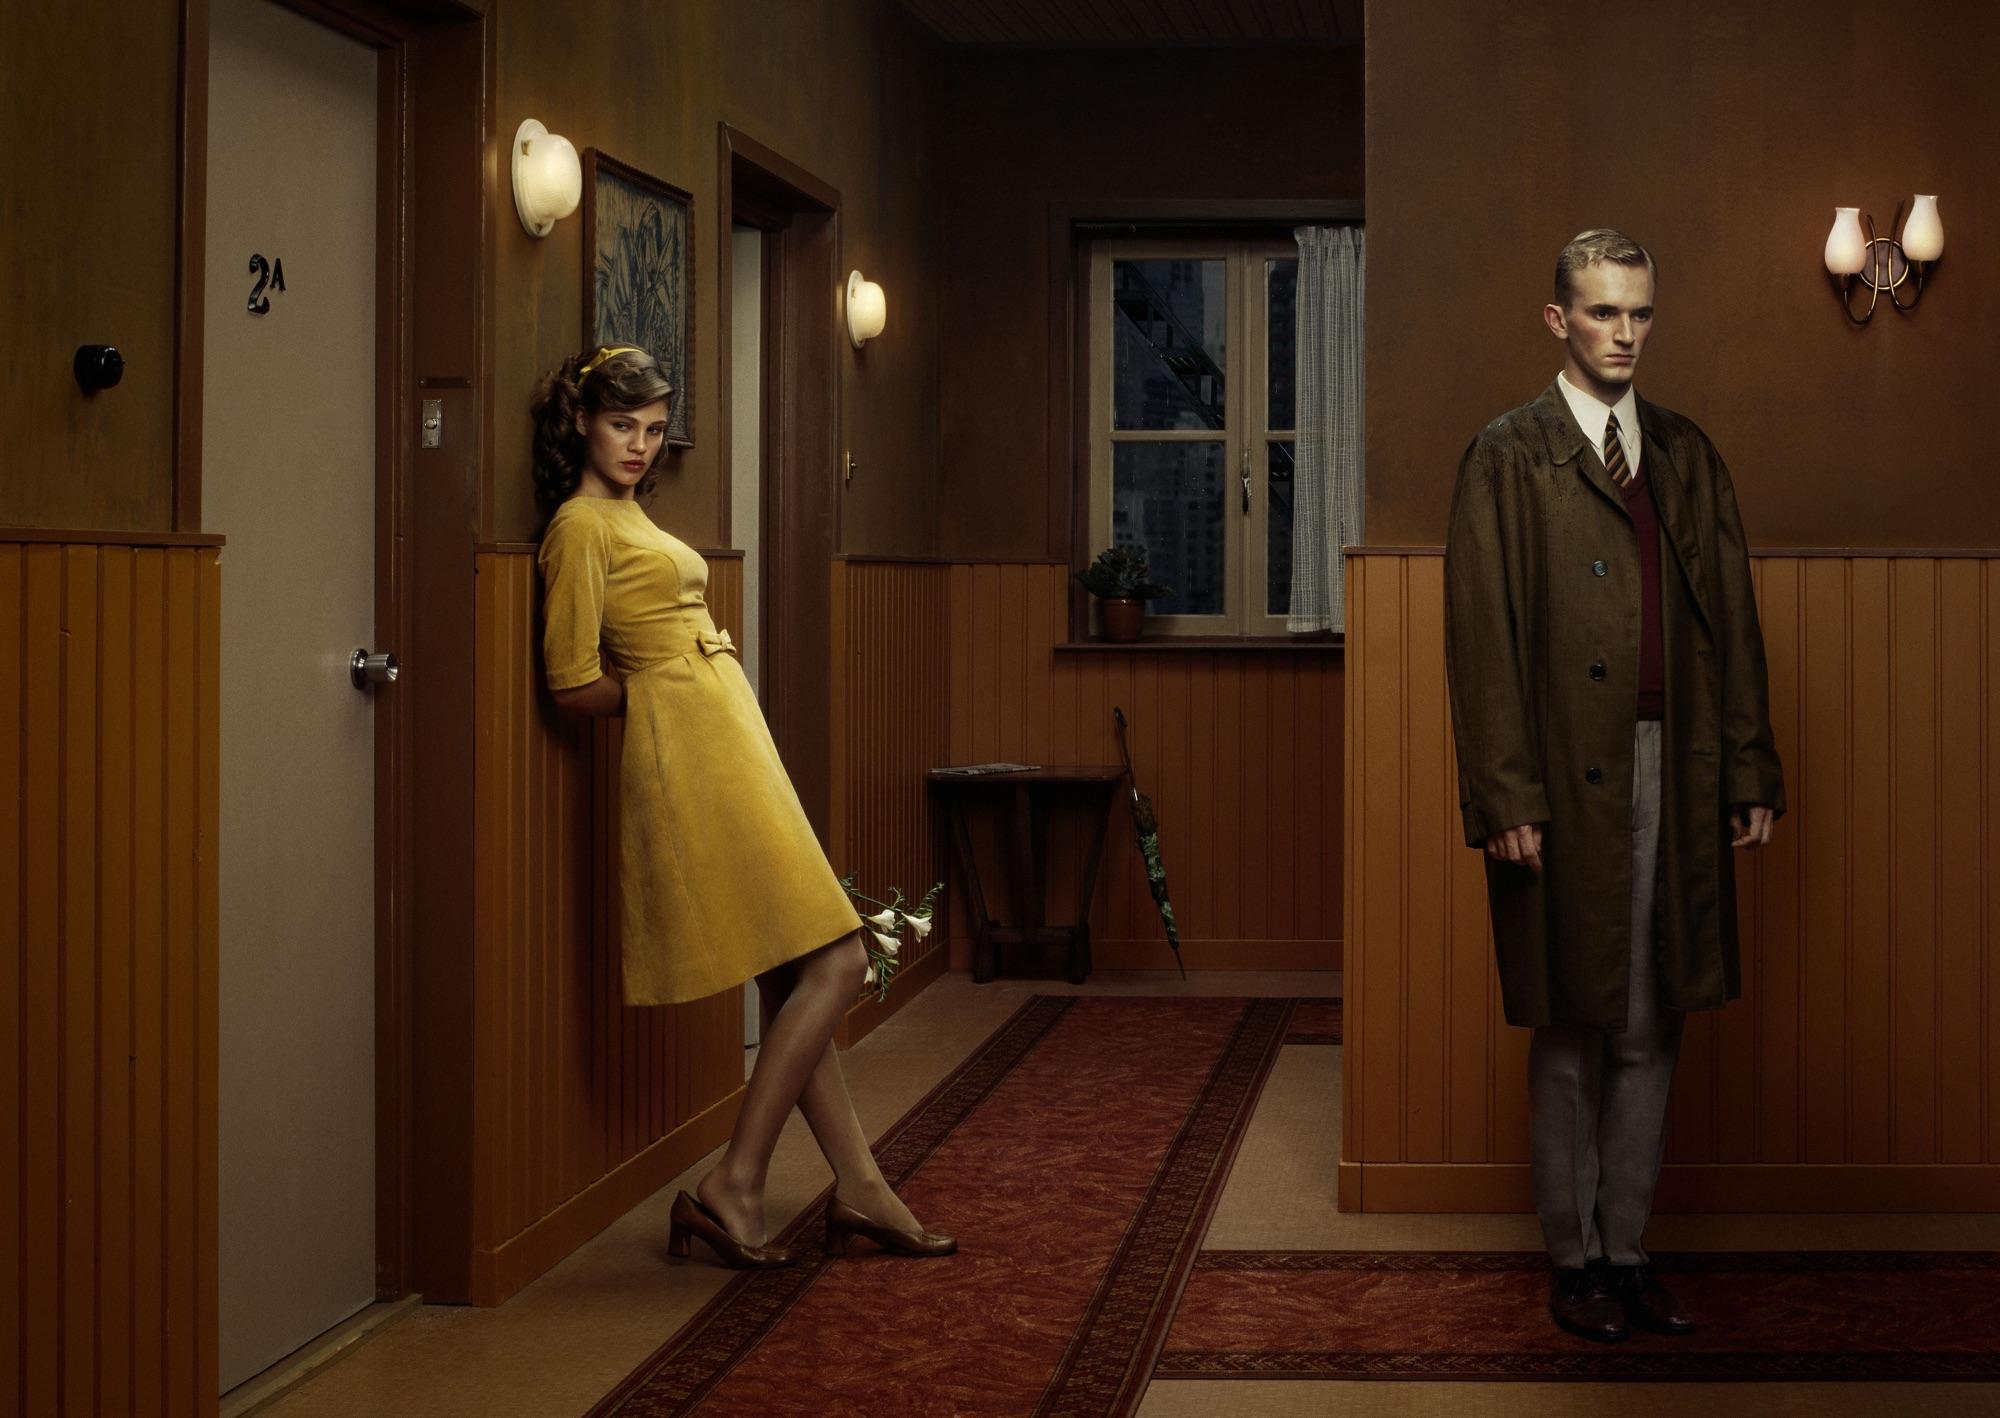 foto van een jonge vrouw en man in de gang van een hotel bij deuren van hotelkamers